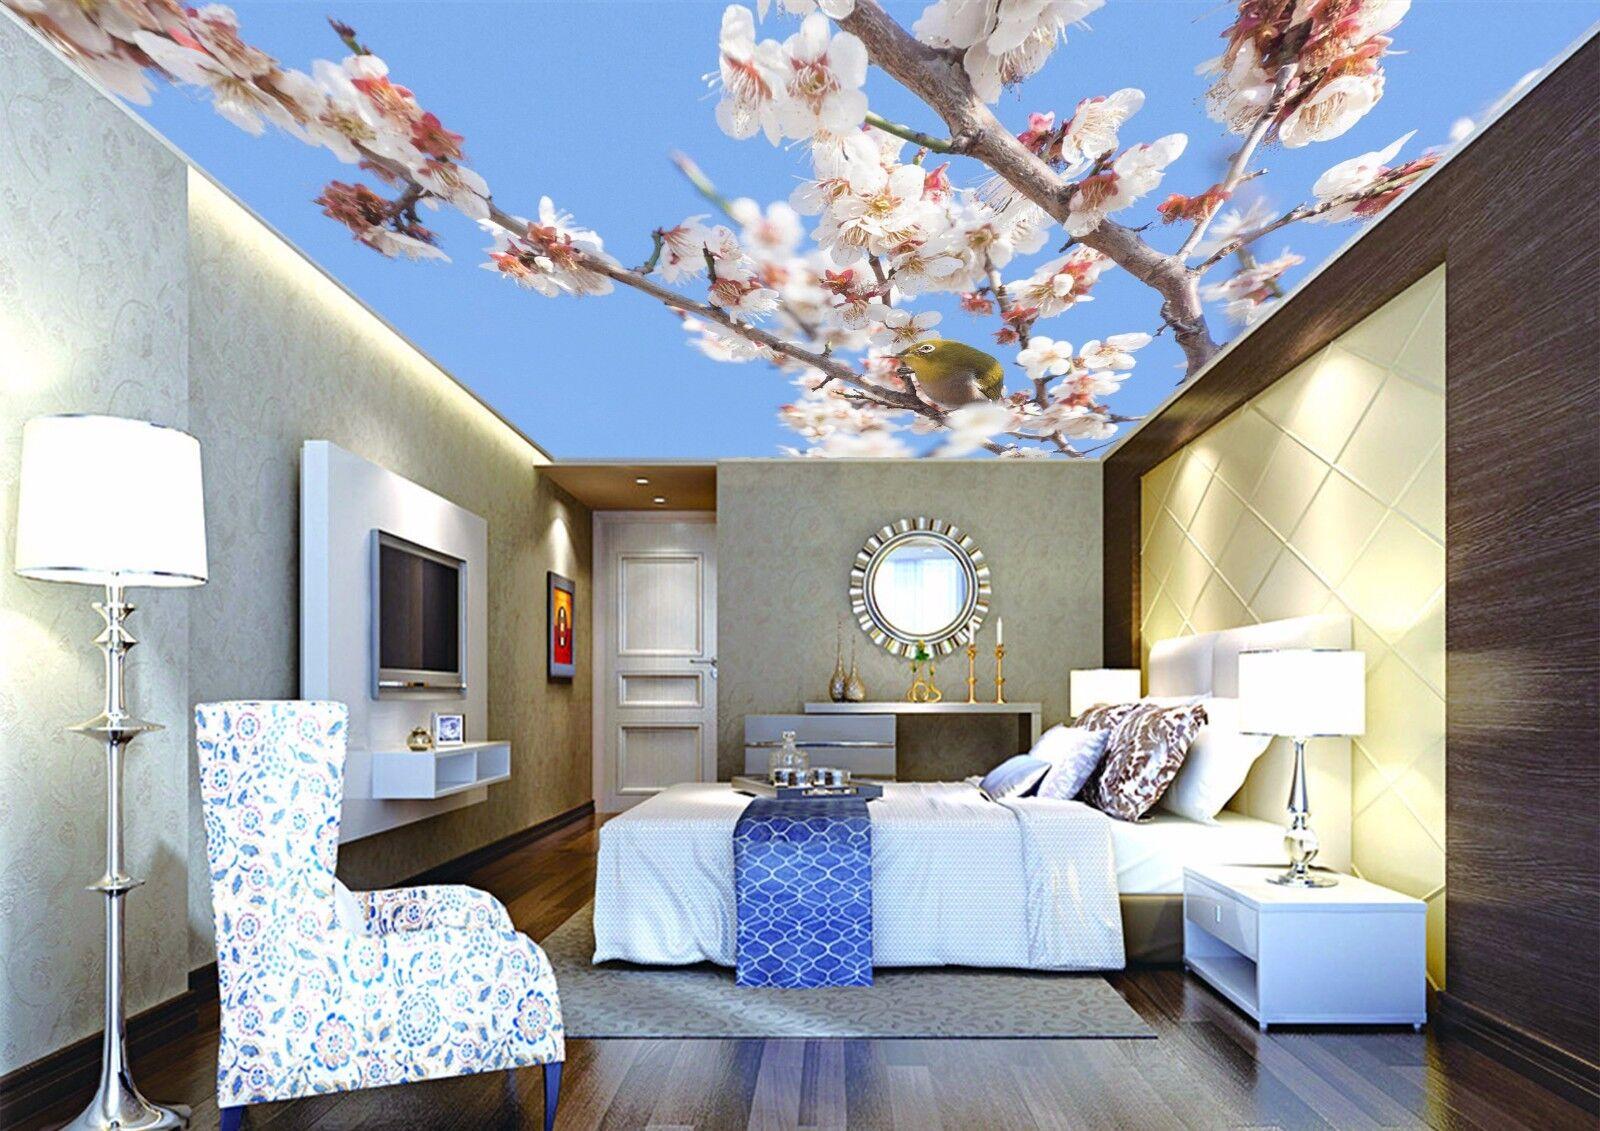 3D Flowers Bird 784 Ceiling WallPaper Murals Wall Print Decal Deco AJ WALLPAPER